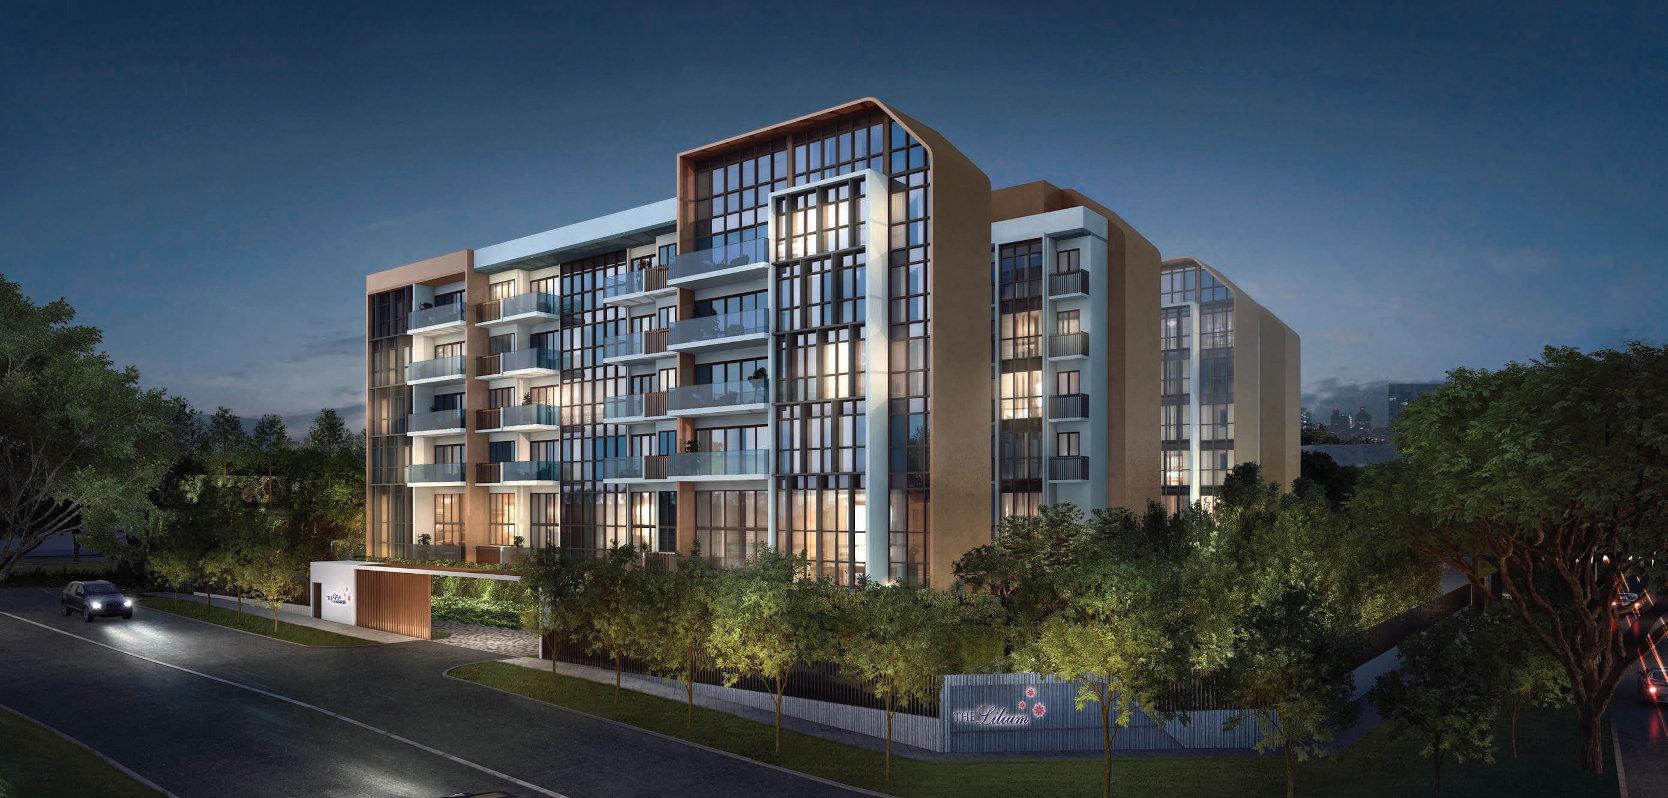 The Lilium Condominium